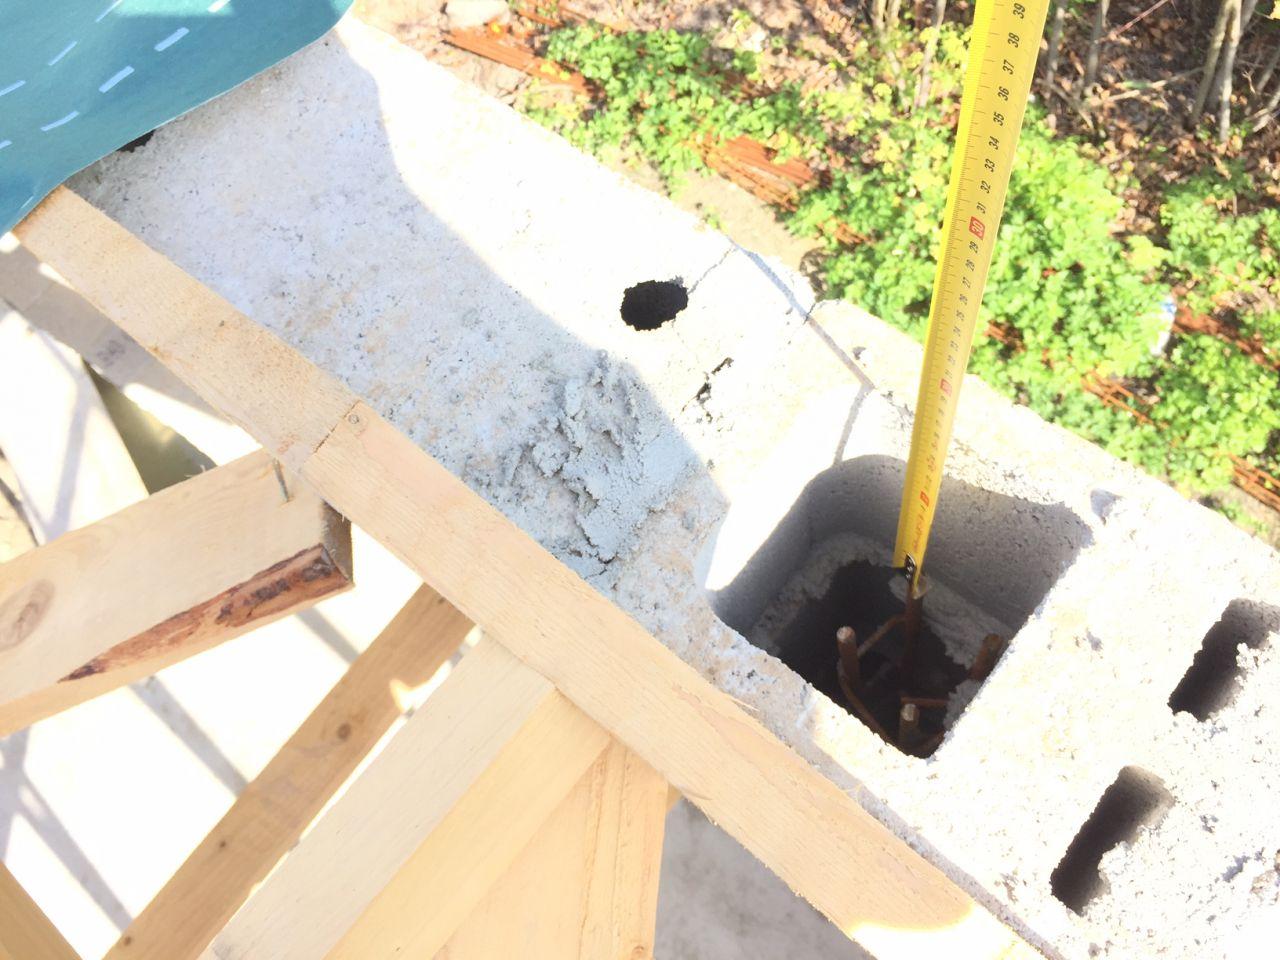 Ferraillage vertical des pignons en attente... A l'intérieur des parpaings et en retrait de quelques centimètres